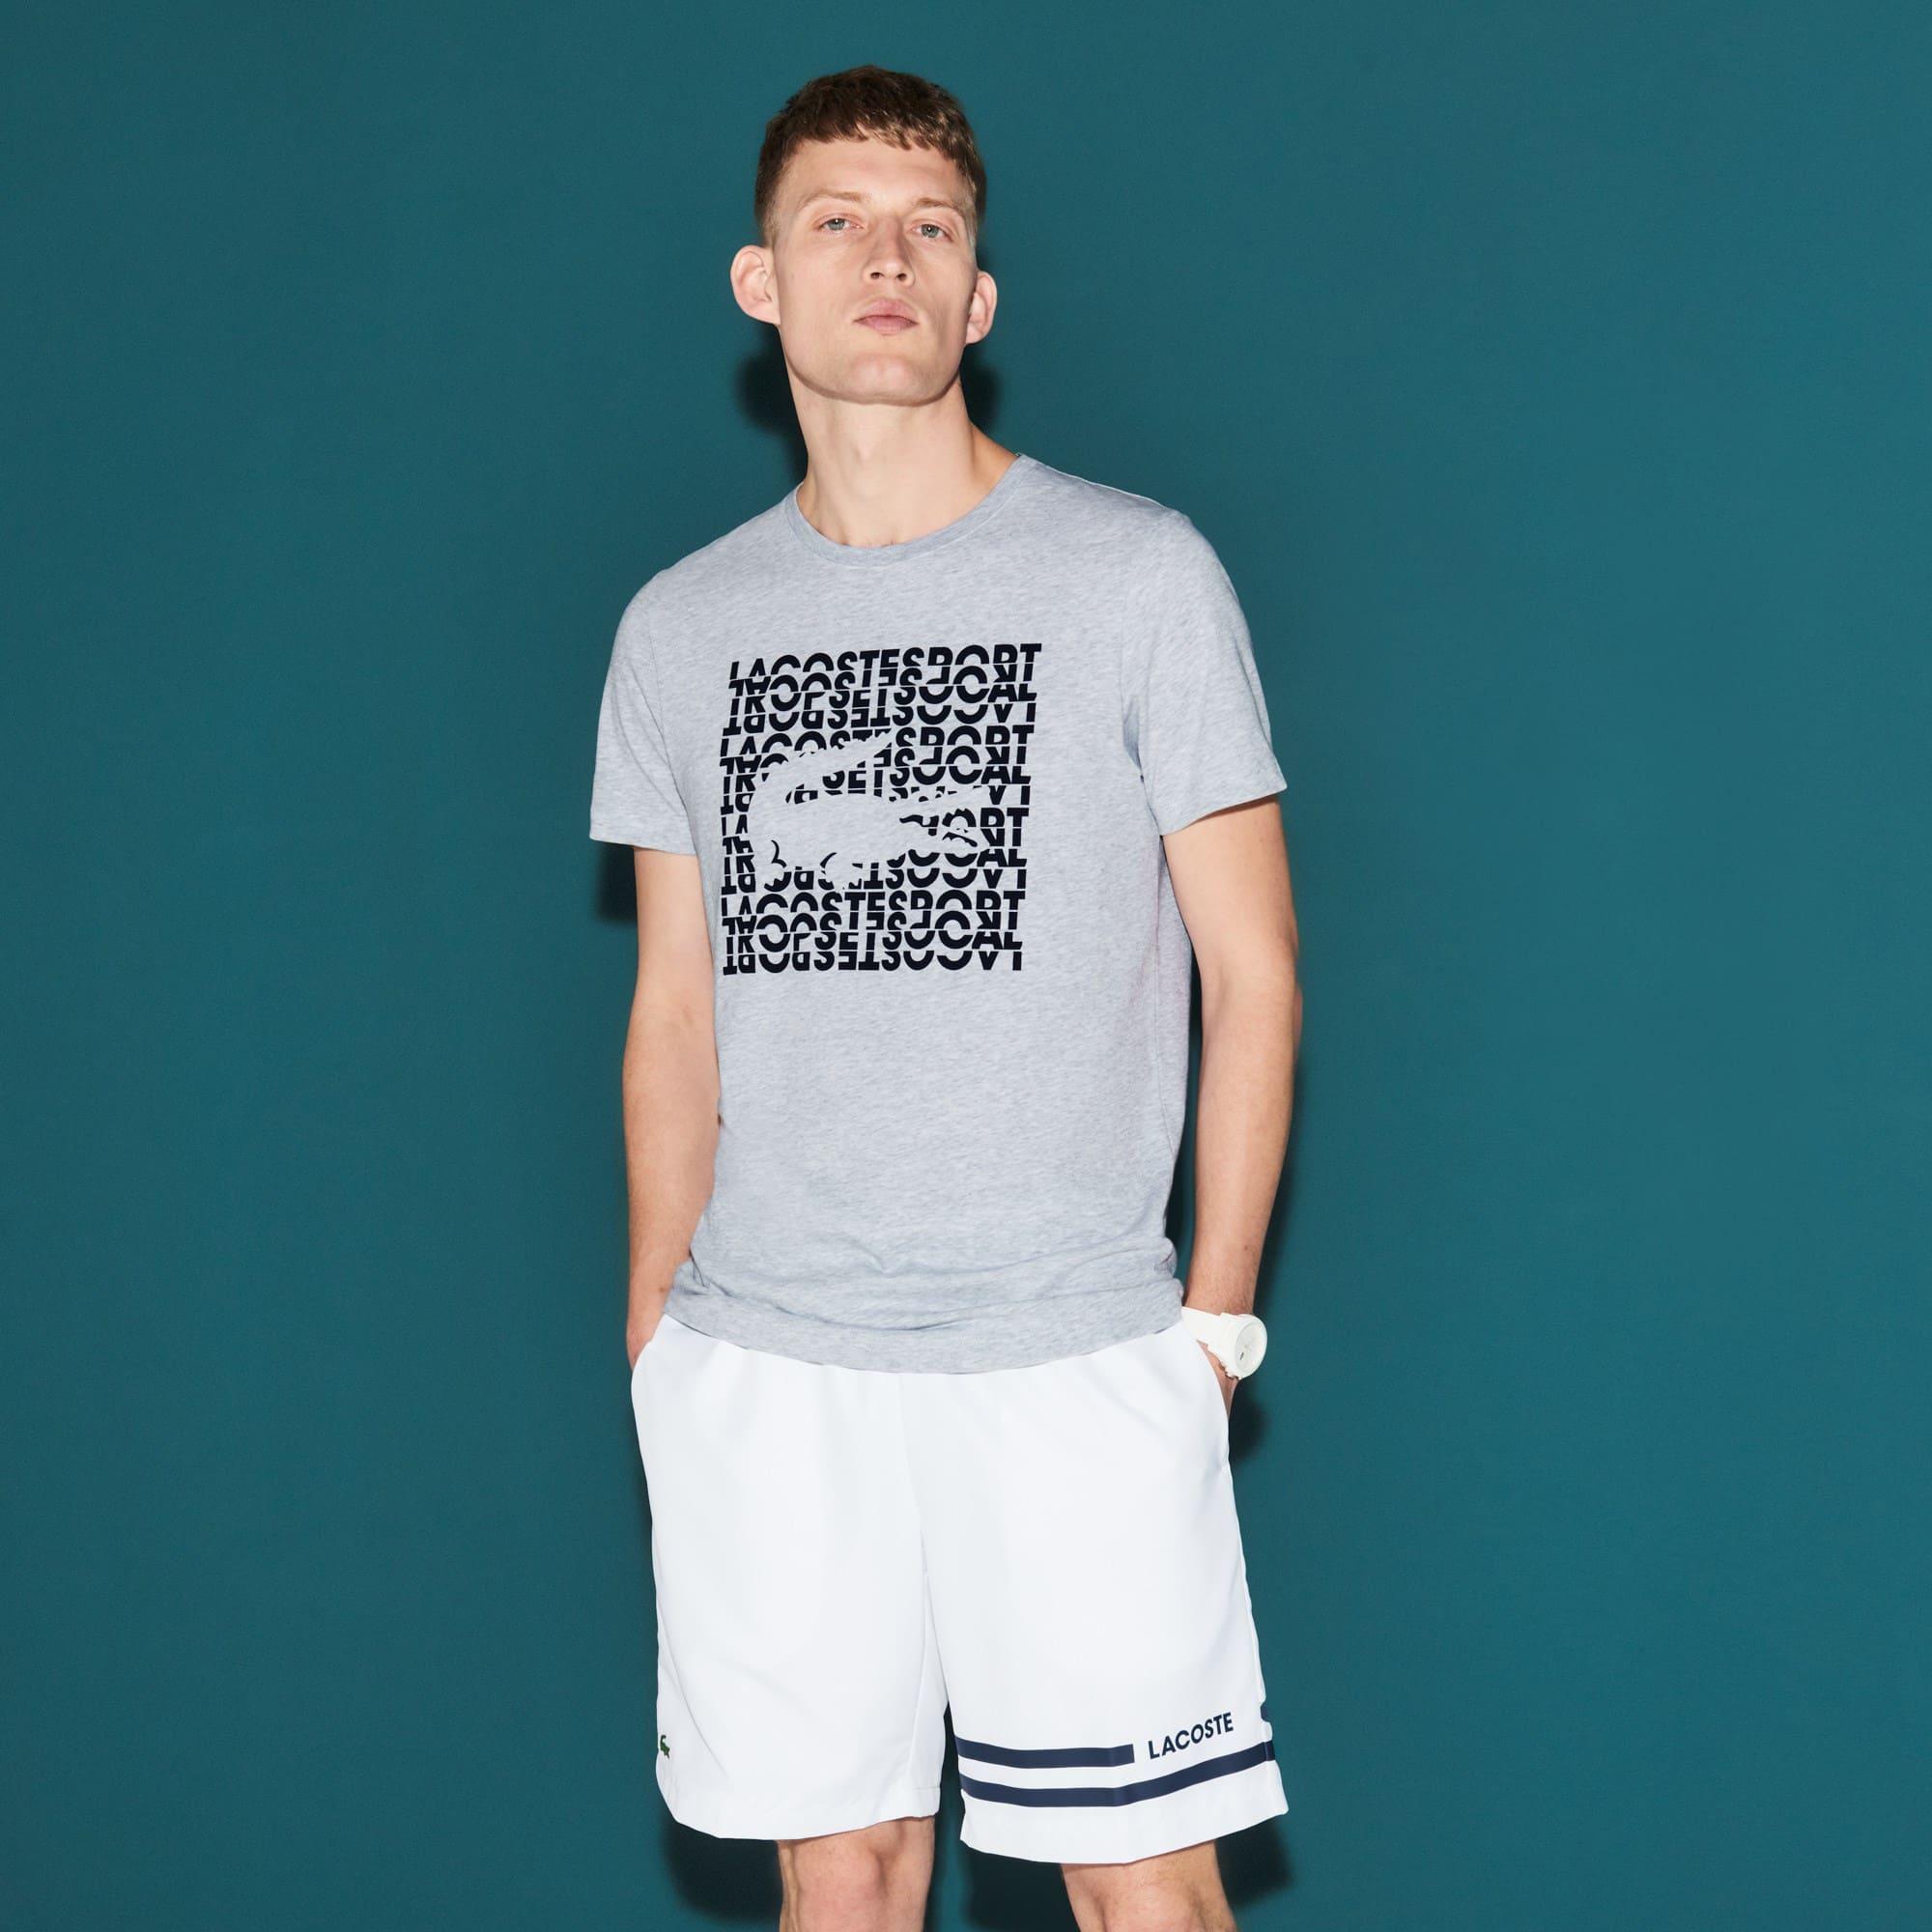 Herren LACOSTE SPORT Tennis T-Shirt aus Funktionsjersey mit Logo